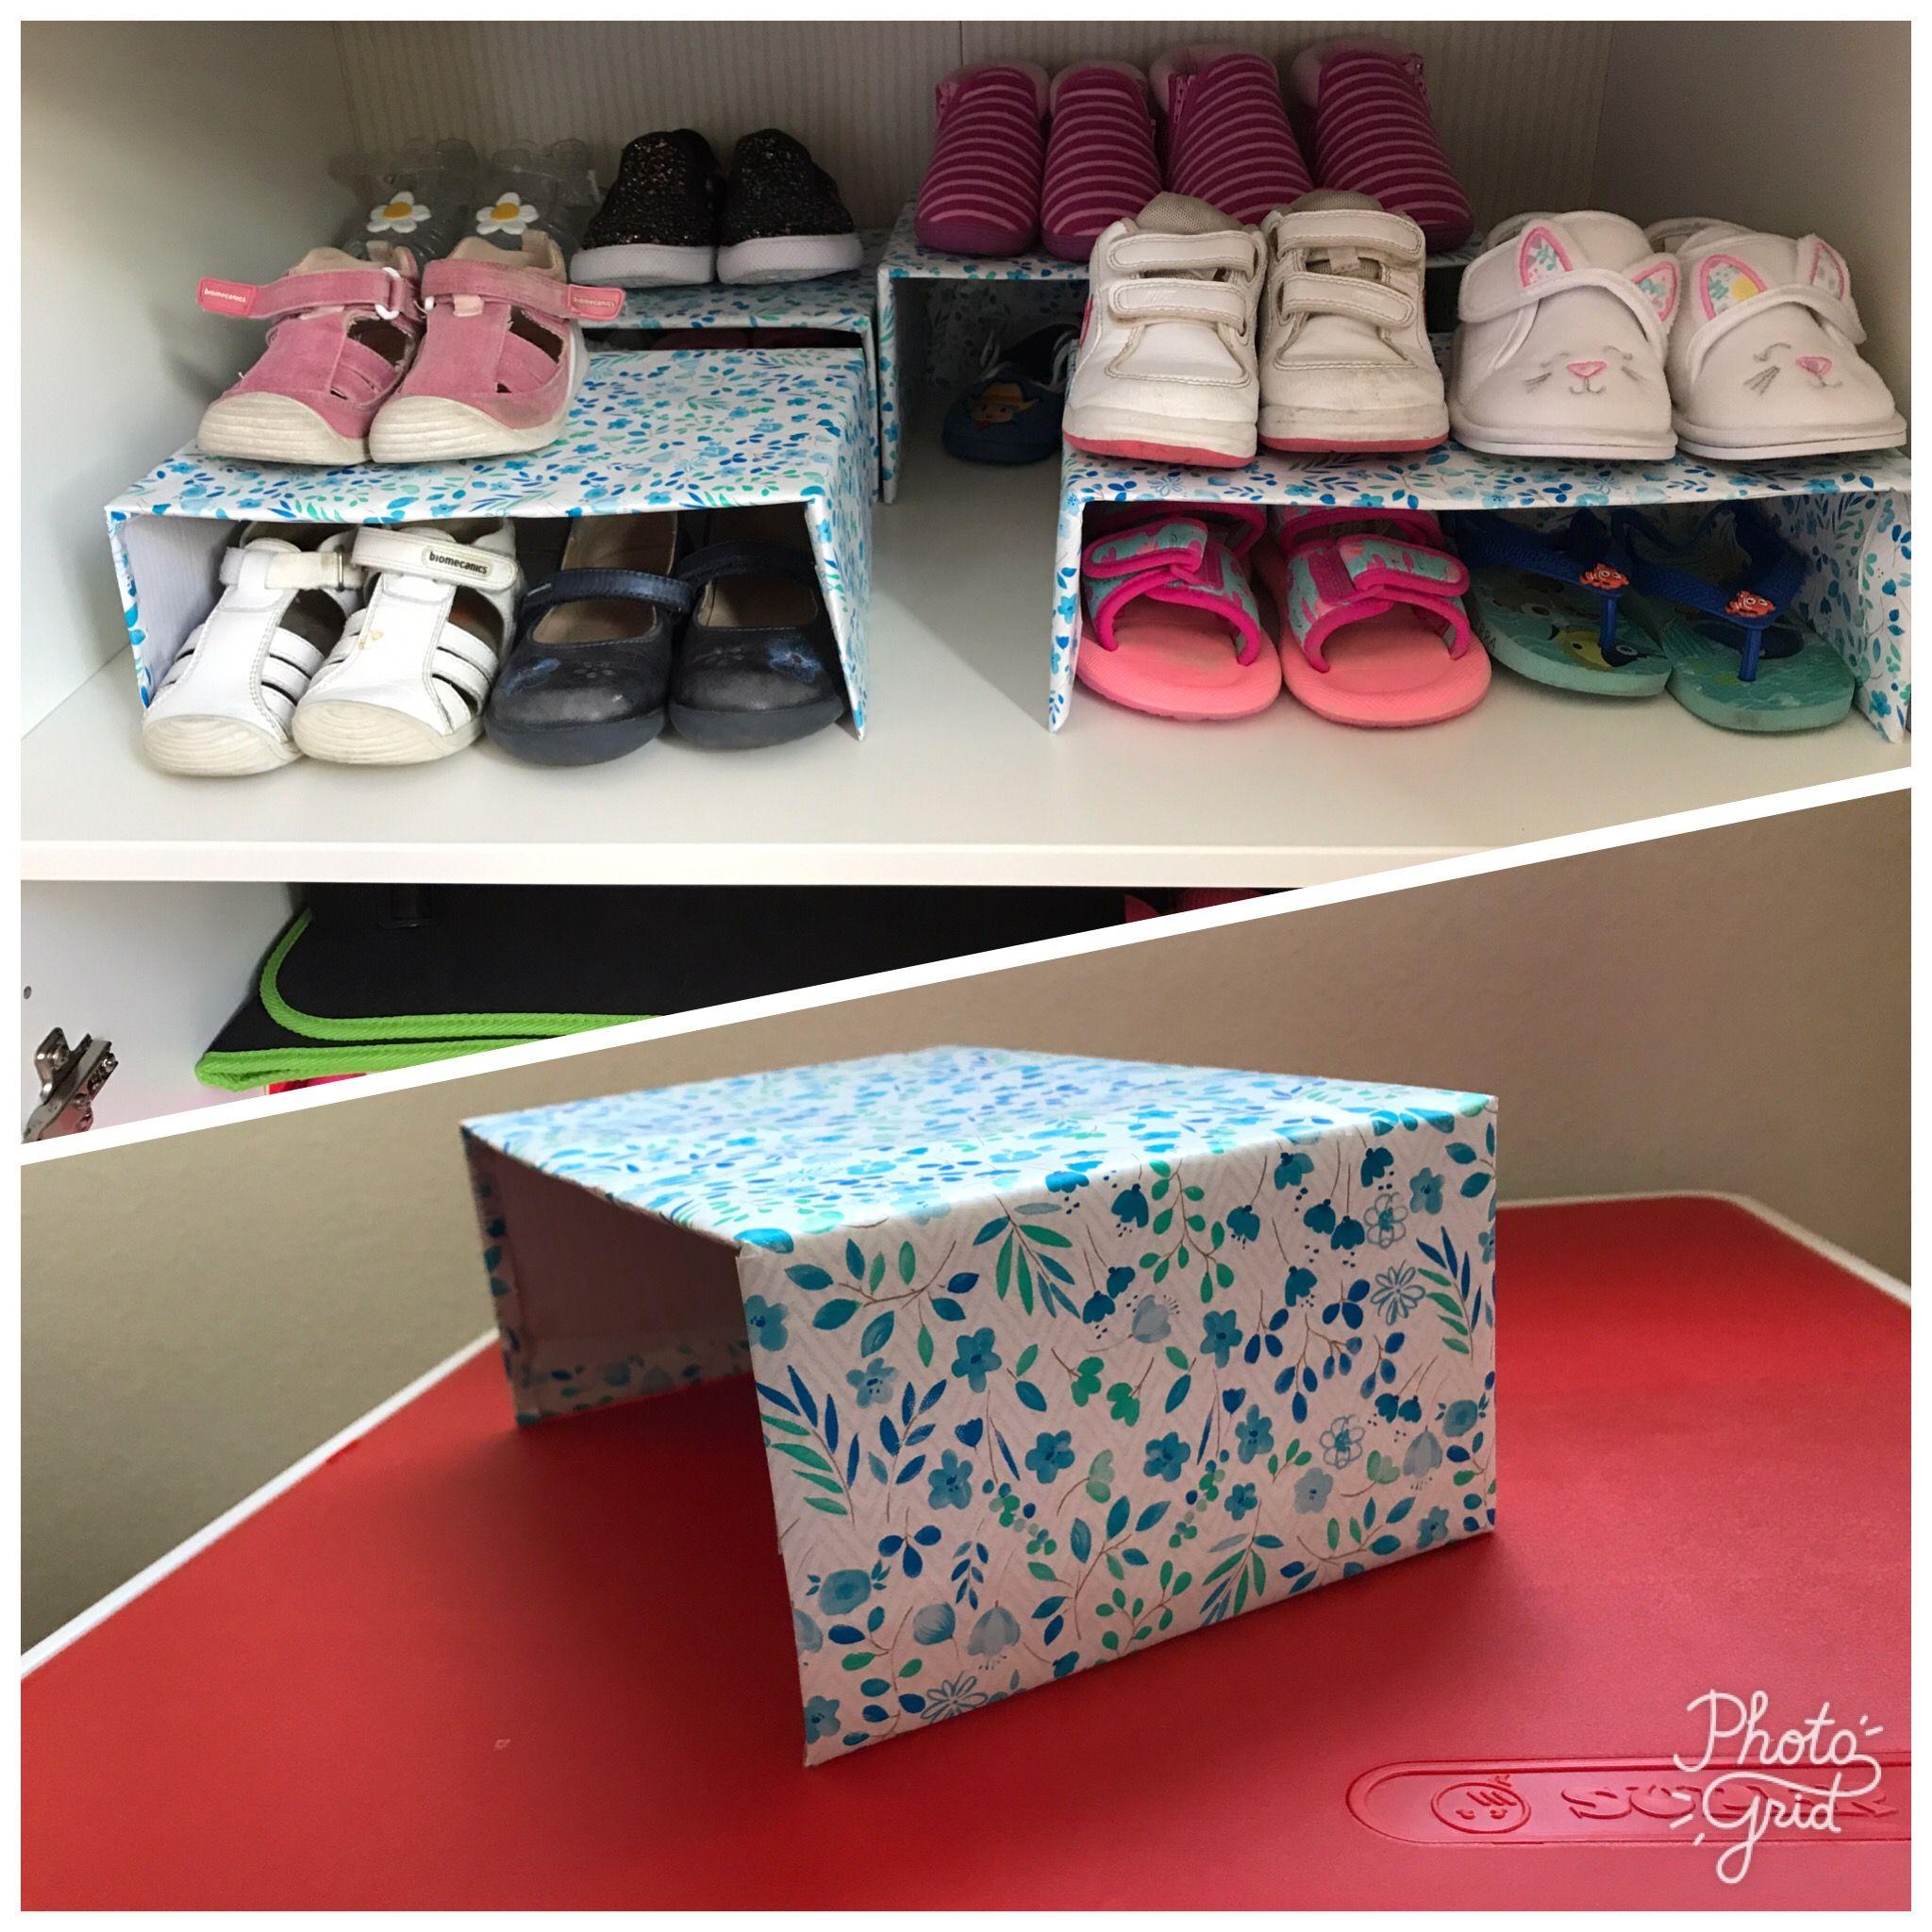 Shoes Organizer Como Organizar Zapatos Organizador De Zapatos Organizacion Zapatos